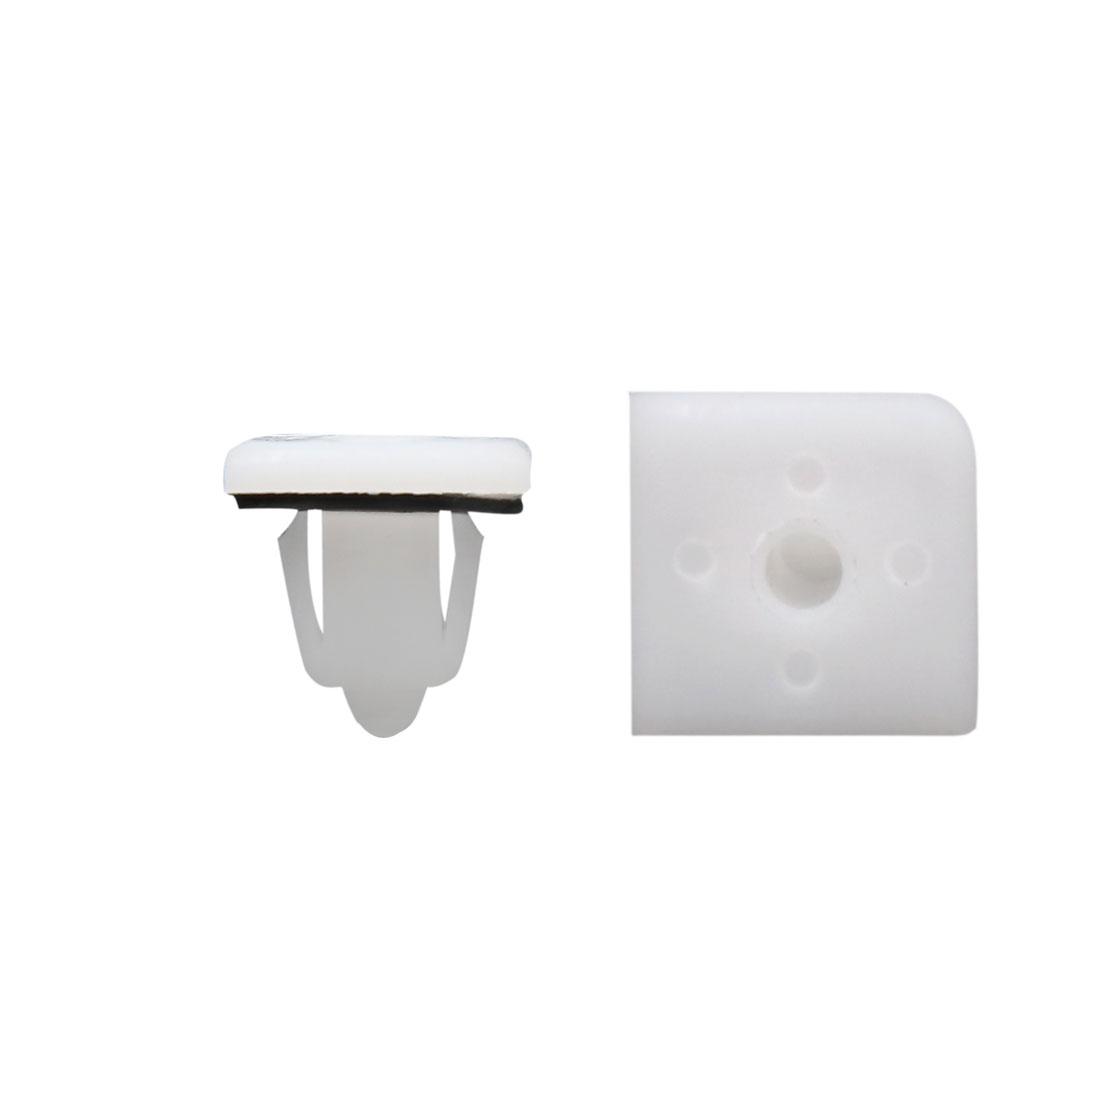 30 Pcs White Interior Trim Panel Car Door Plastic Clips 11mm Hole Diameter